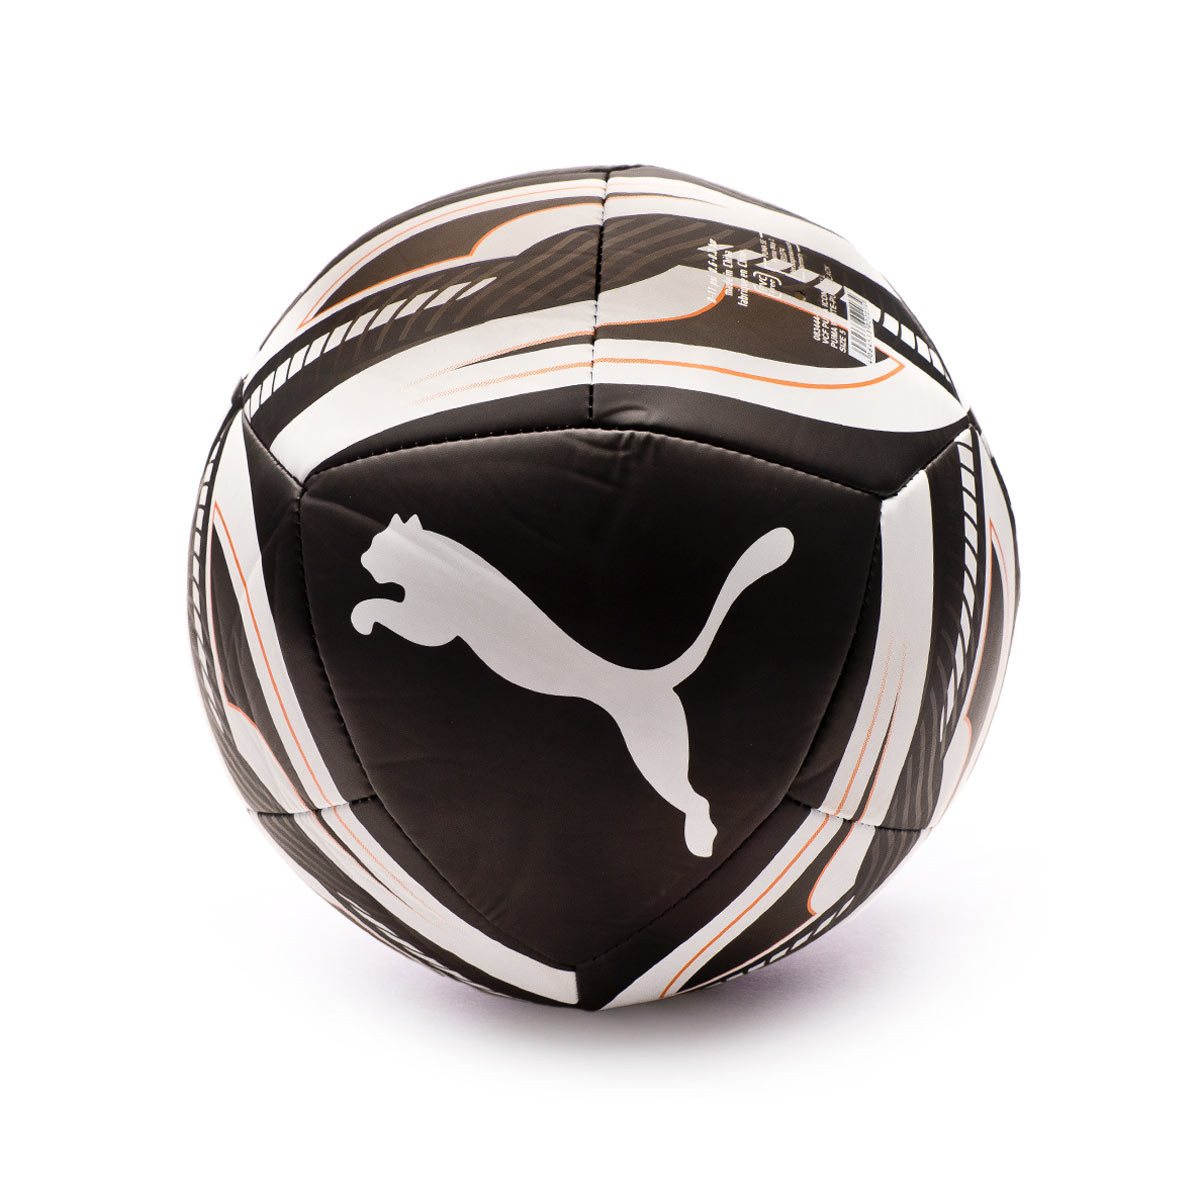 Puma VCF PUMA ICON ball Ball